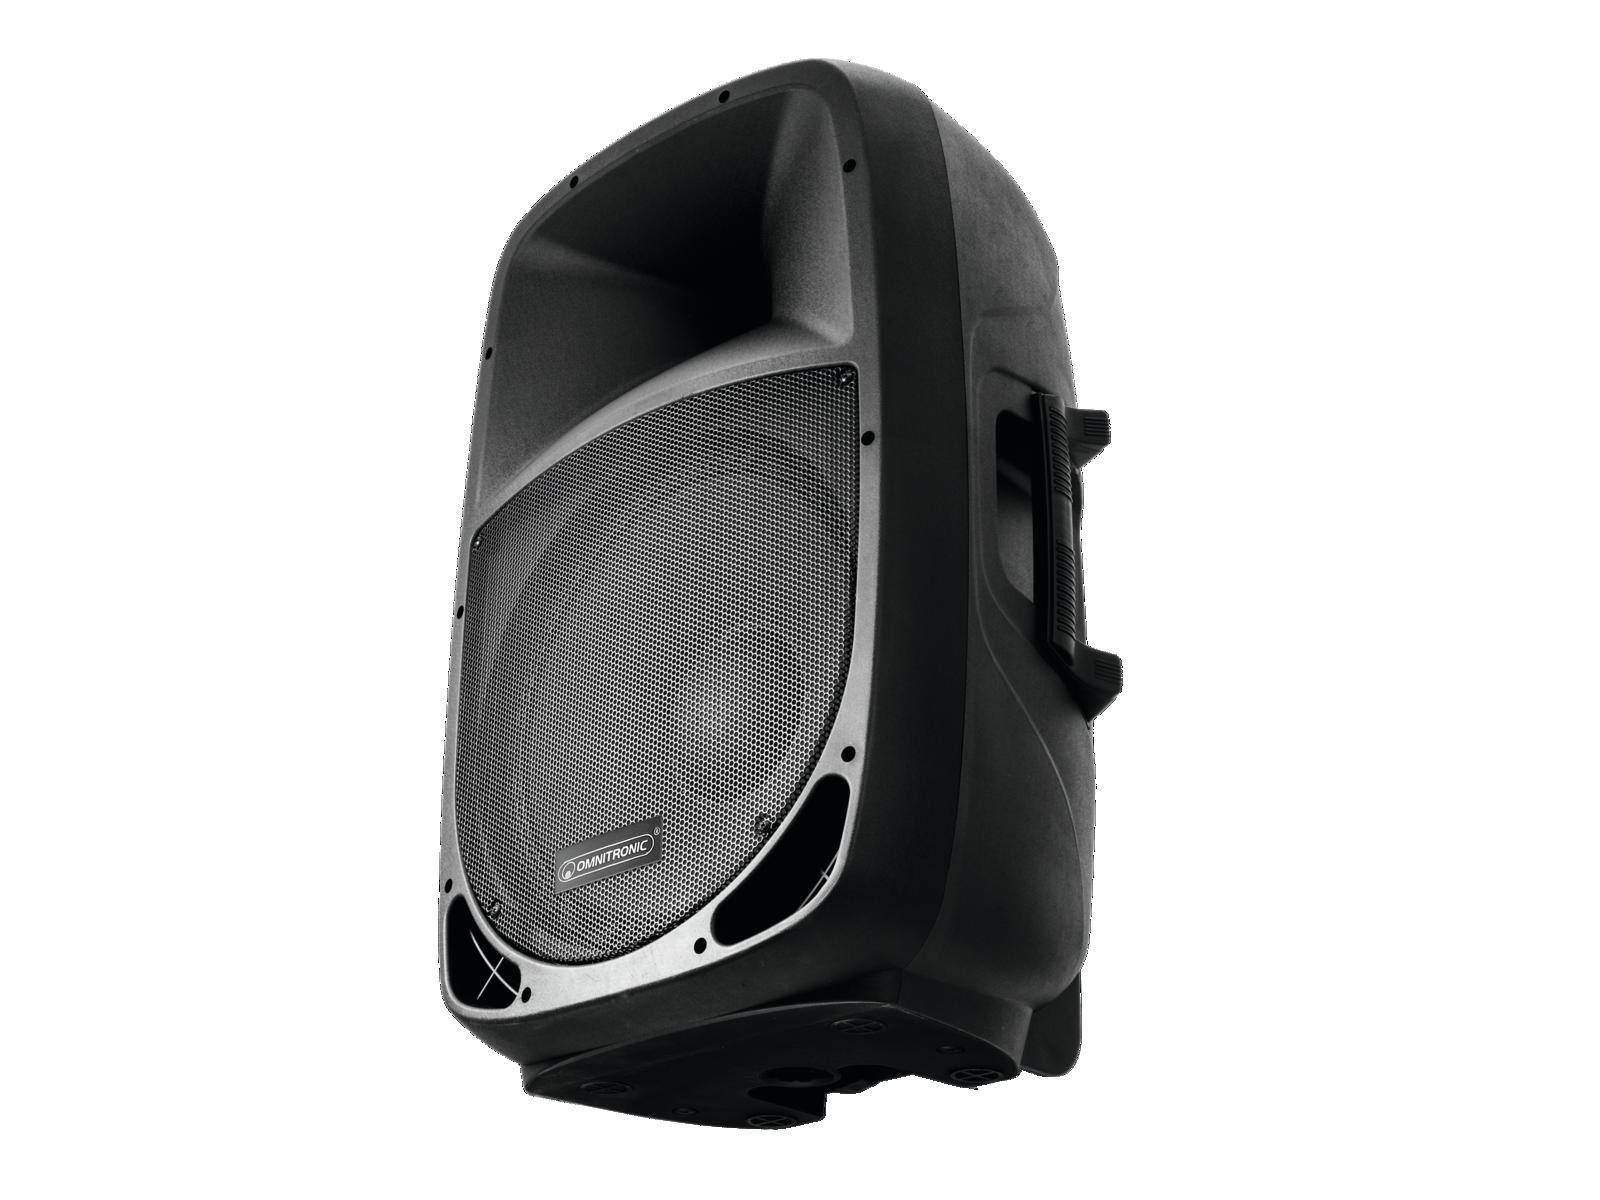 OMNITRONIC VFM 215 AP CASSA ATTIVA CON PLAYER MP3 INTEGRATO USB SD BLUETOOTH 2